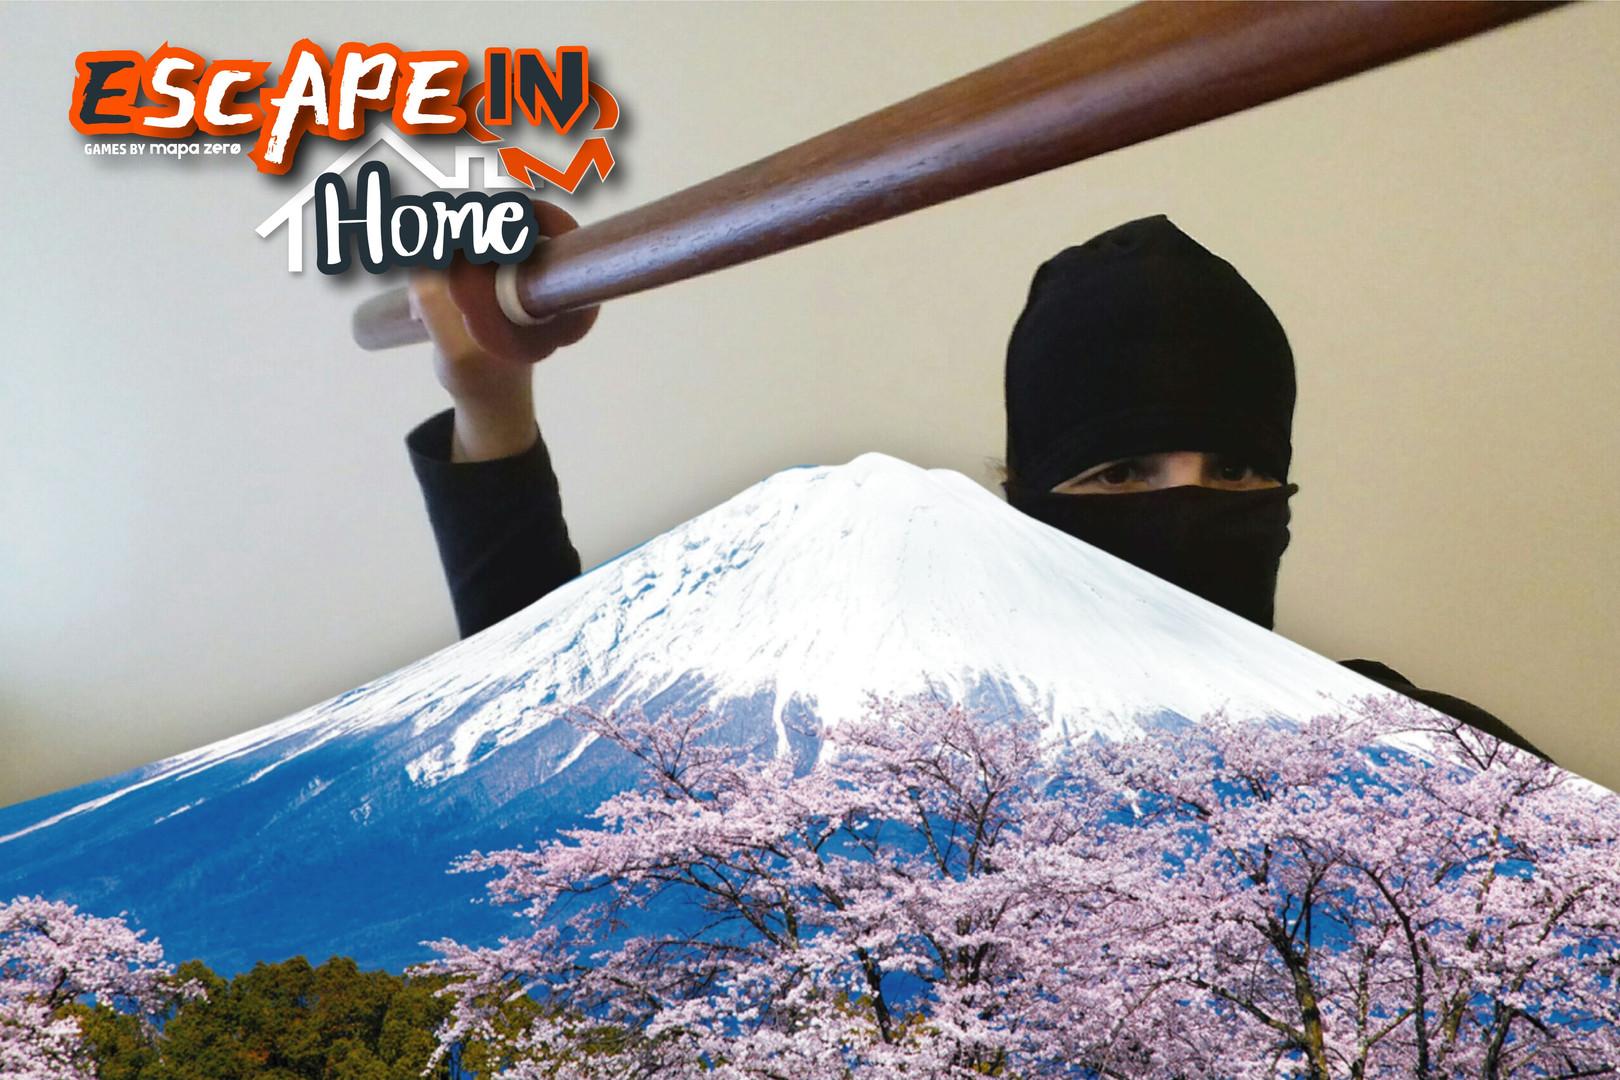 ESCAPE IN HOME (5).jpg